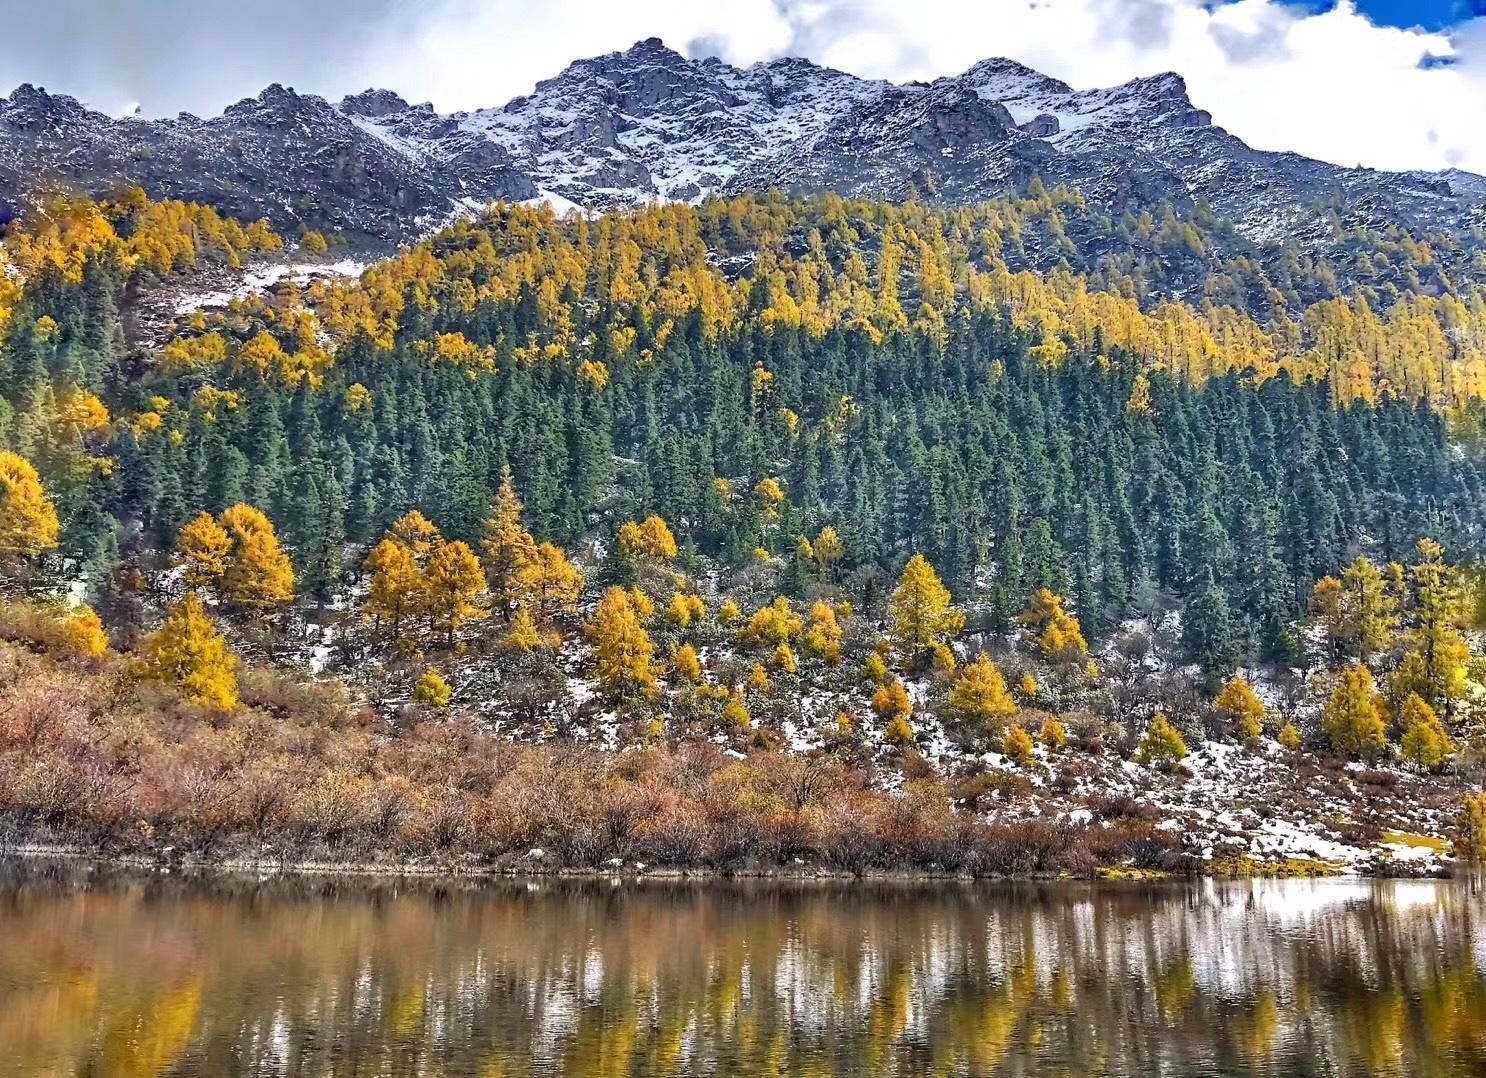 川藏线秋季错峰出行与美食美景有缘,包车拼车住宿也便宜! 川藏线旅游攻略 第5张